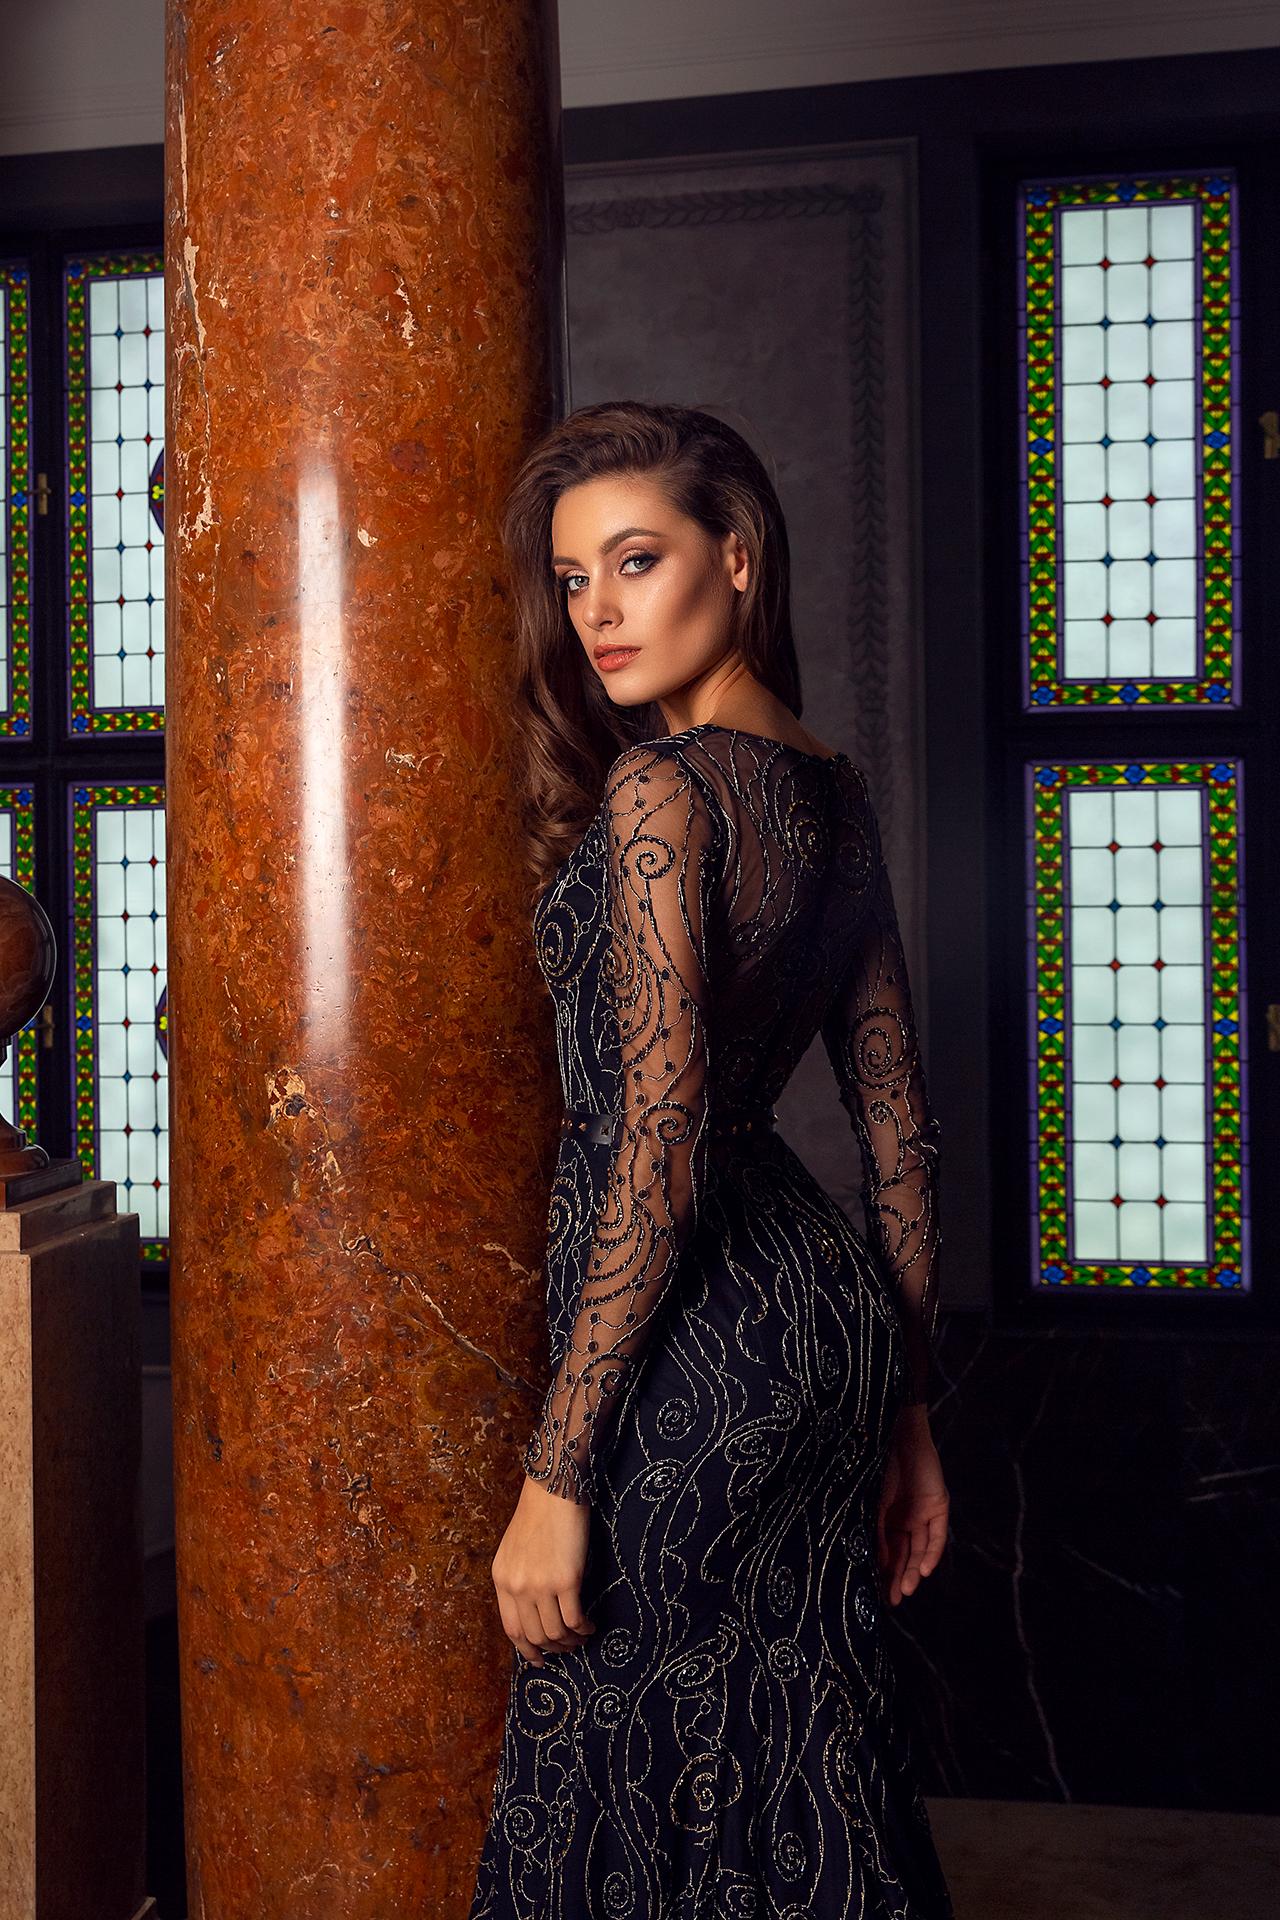 Abendkleider 1487 Silhouette  Tailliertes Kleid  Farbe  Black   Ausschnitt  Porträt (V-Ausschnitt)  Ärmel  lange Ärmel  talliert - foto 4